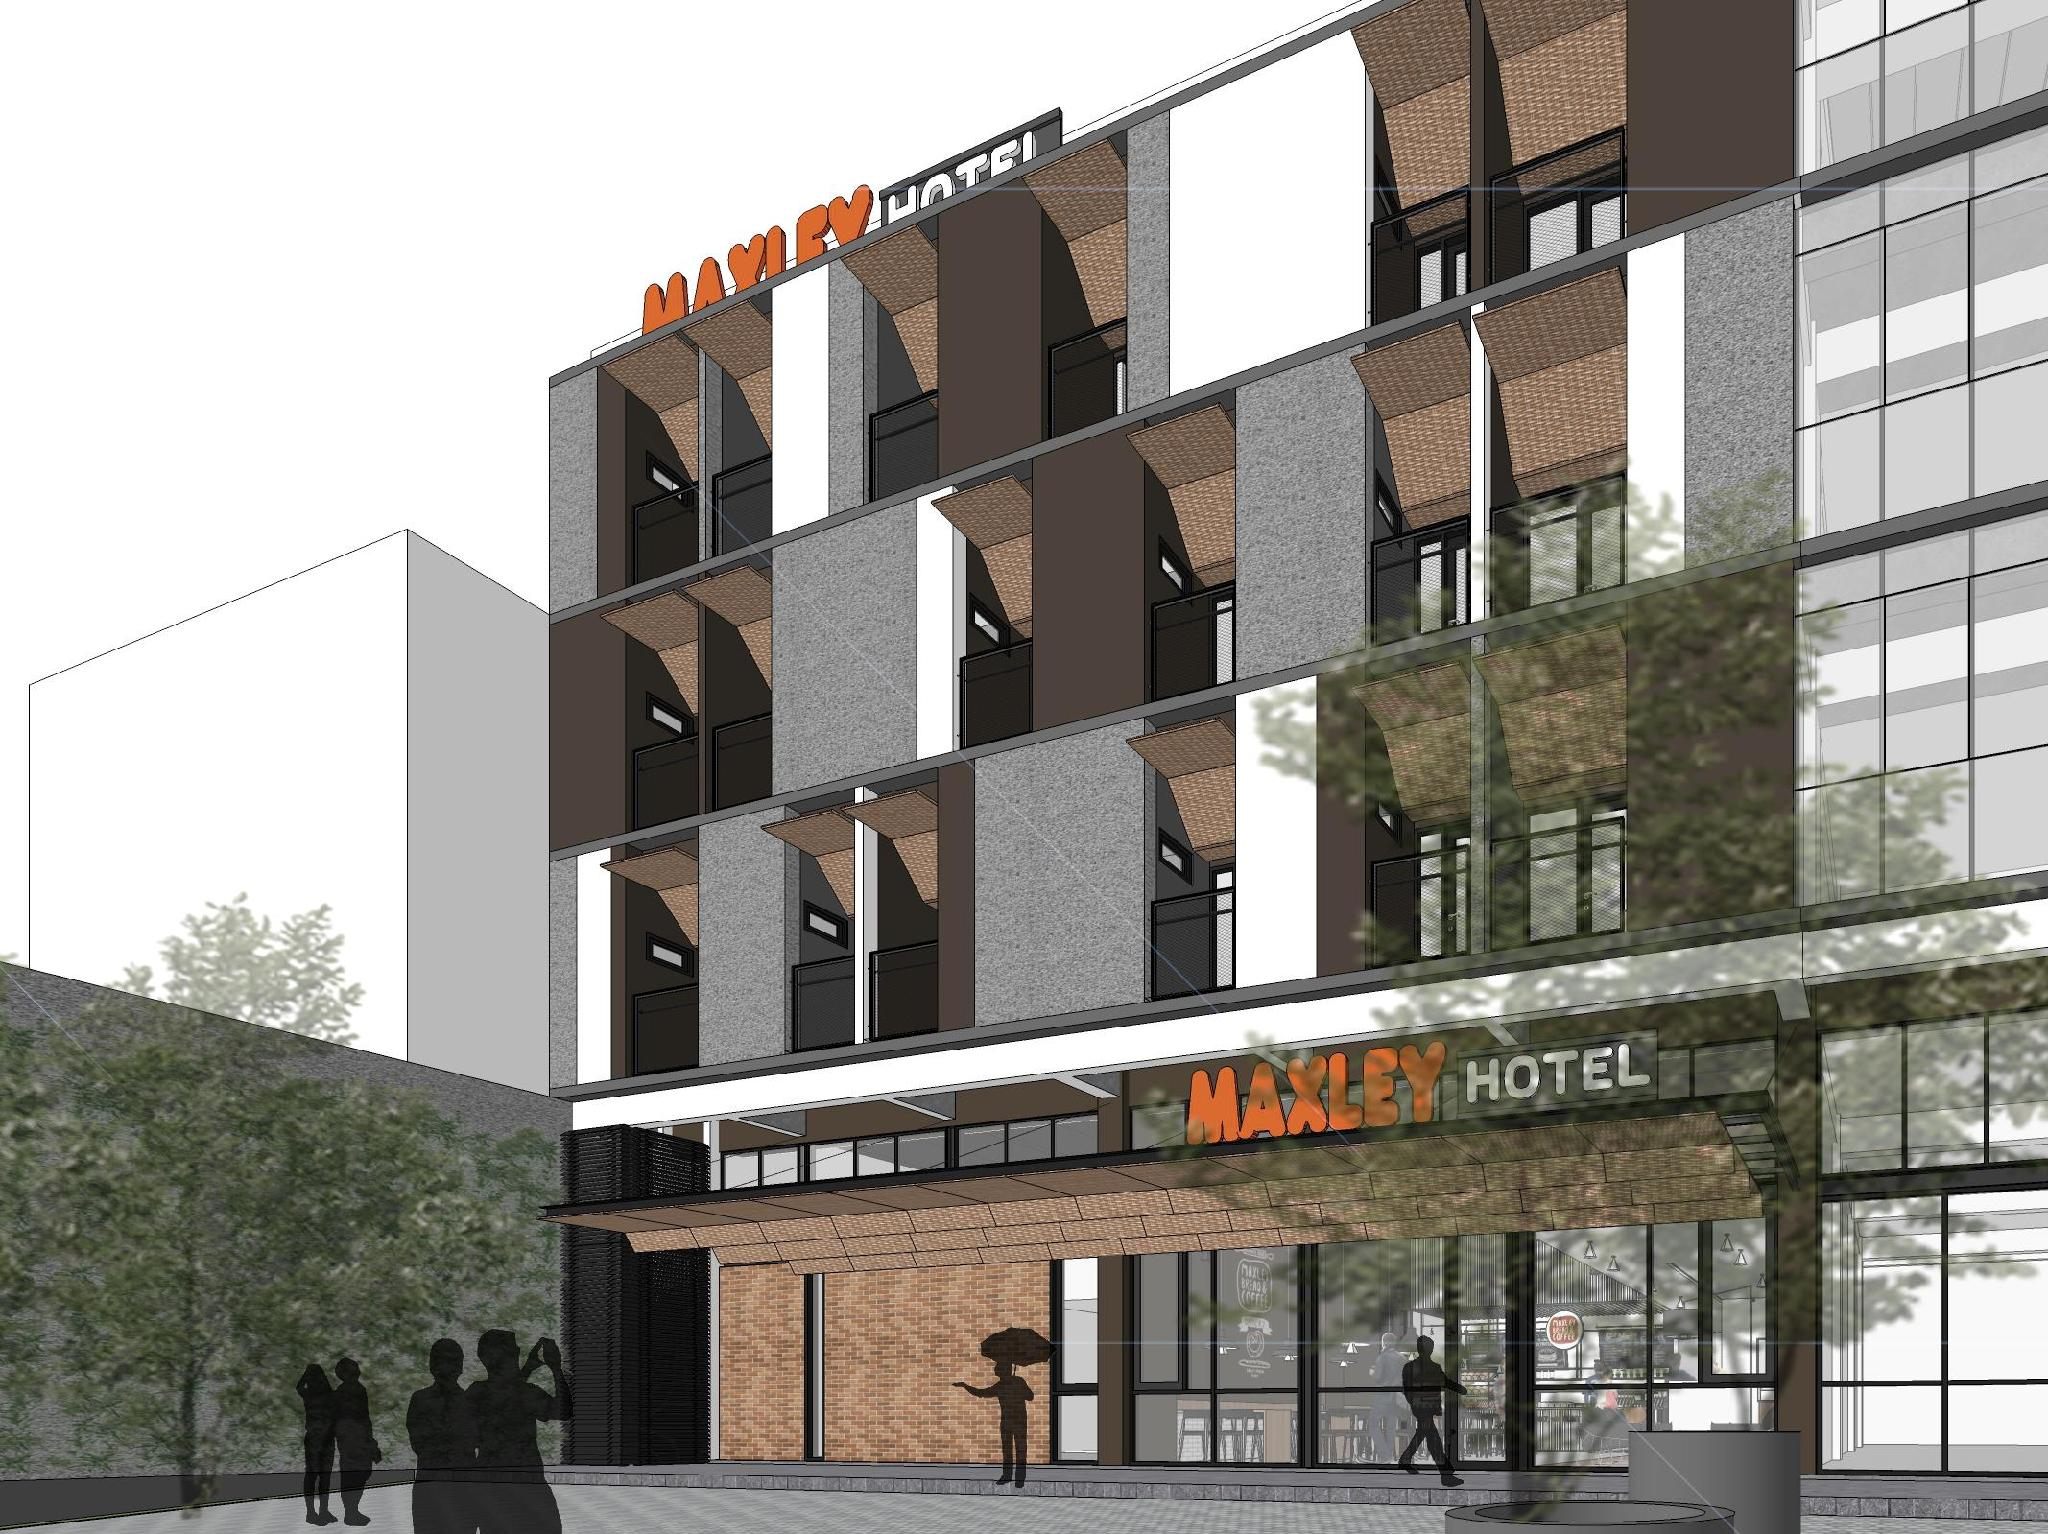 Maxley Hotel Arjuna